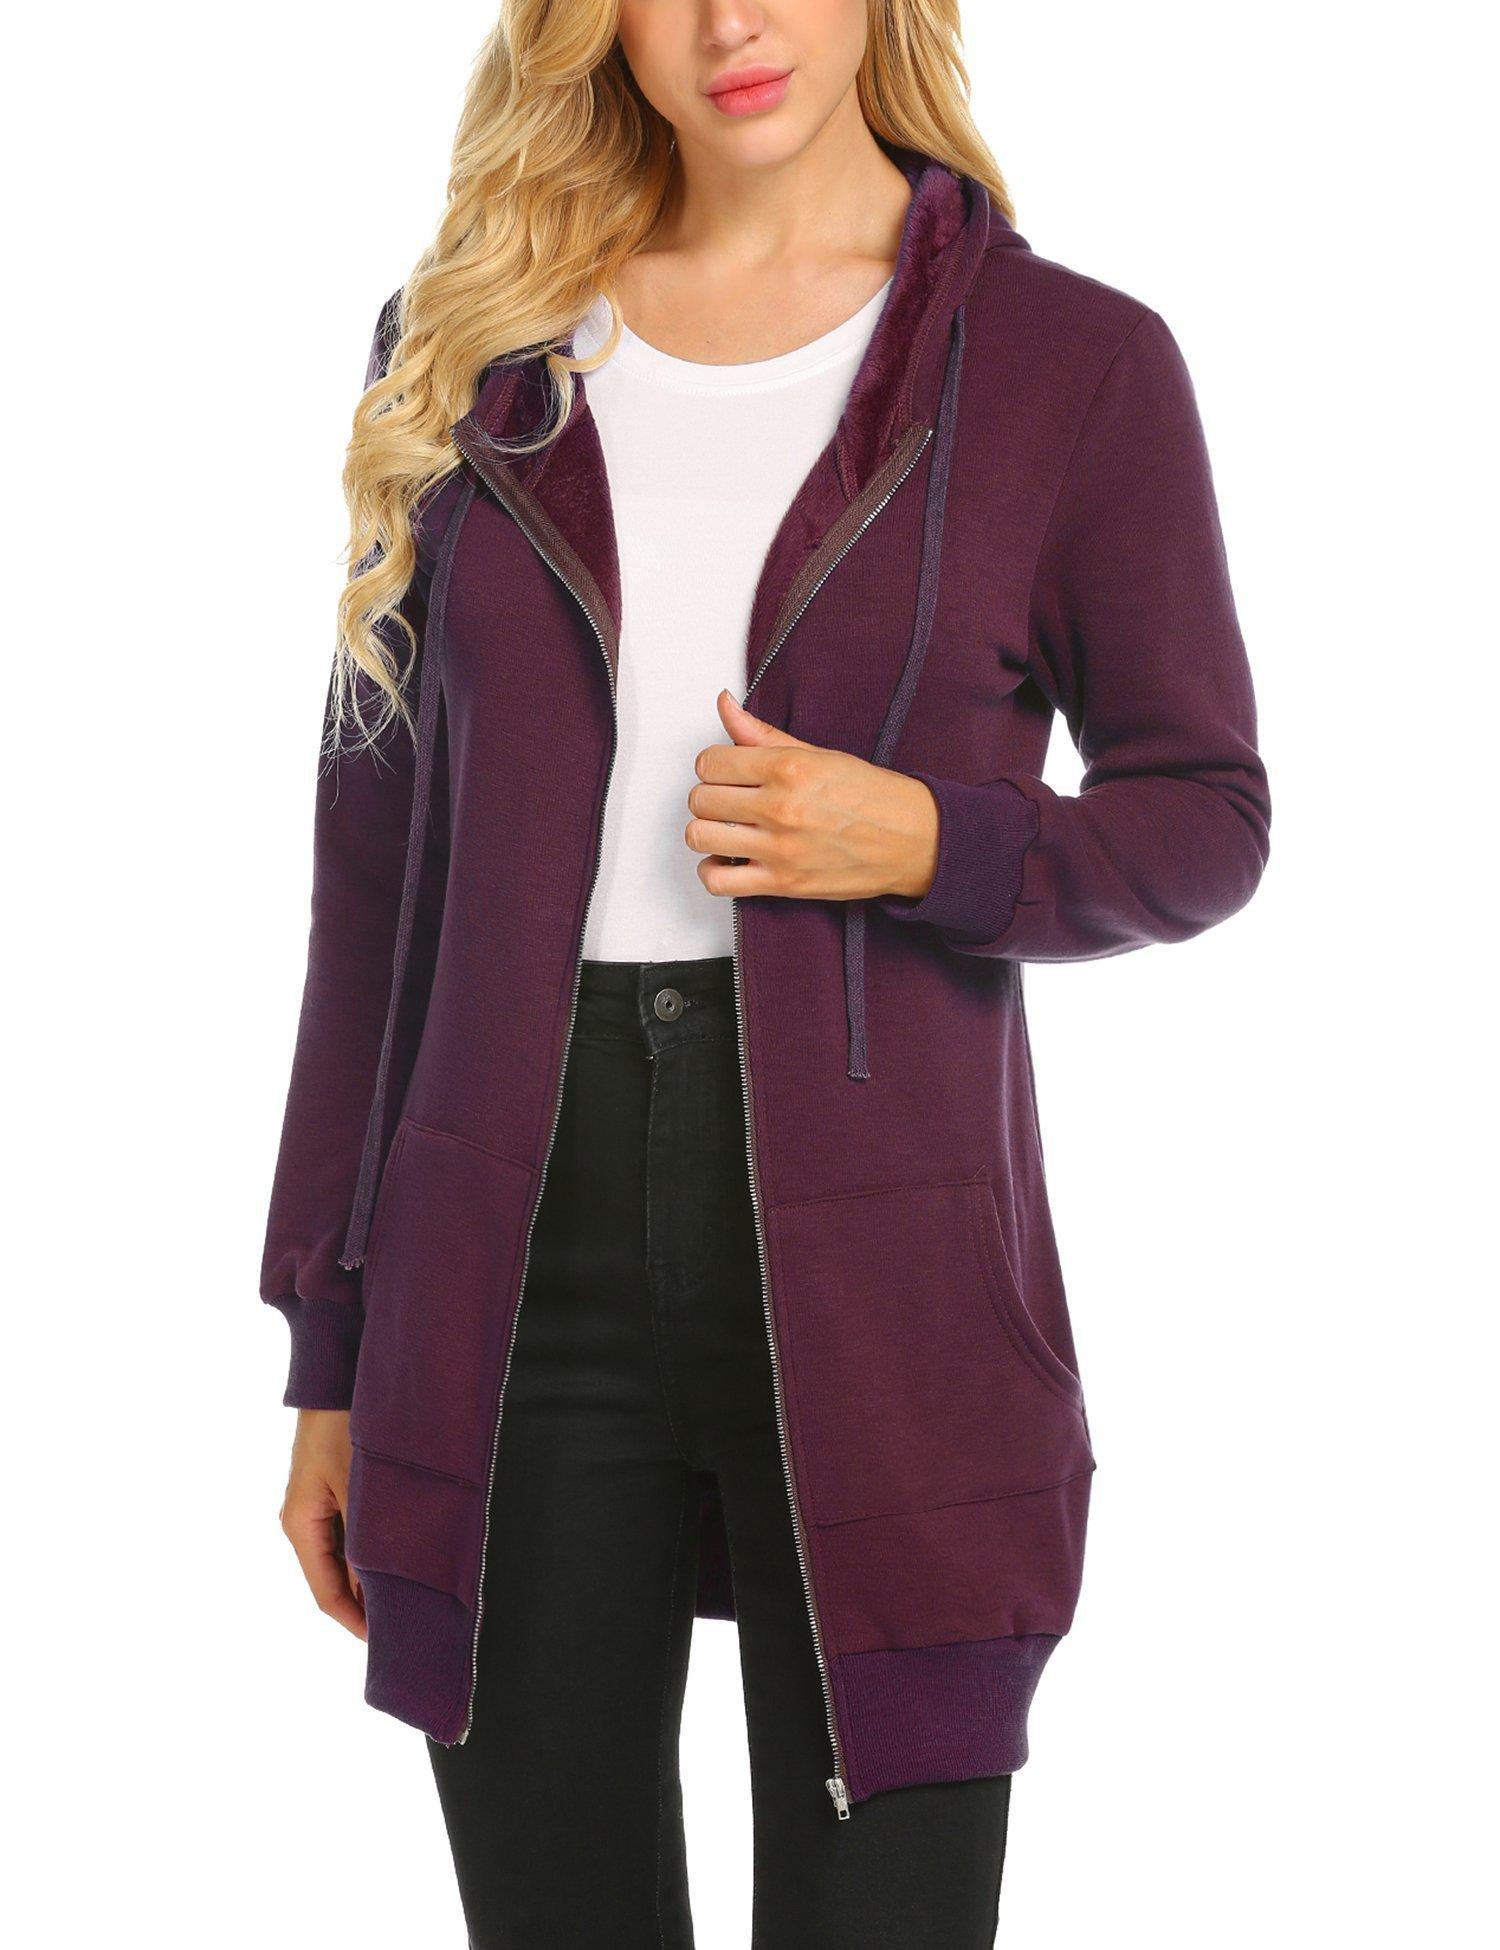 Zeagoo Women's Hooded Zip-Front Fleece Sweatshirt,Wine Red,XL